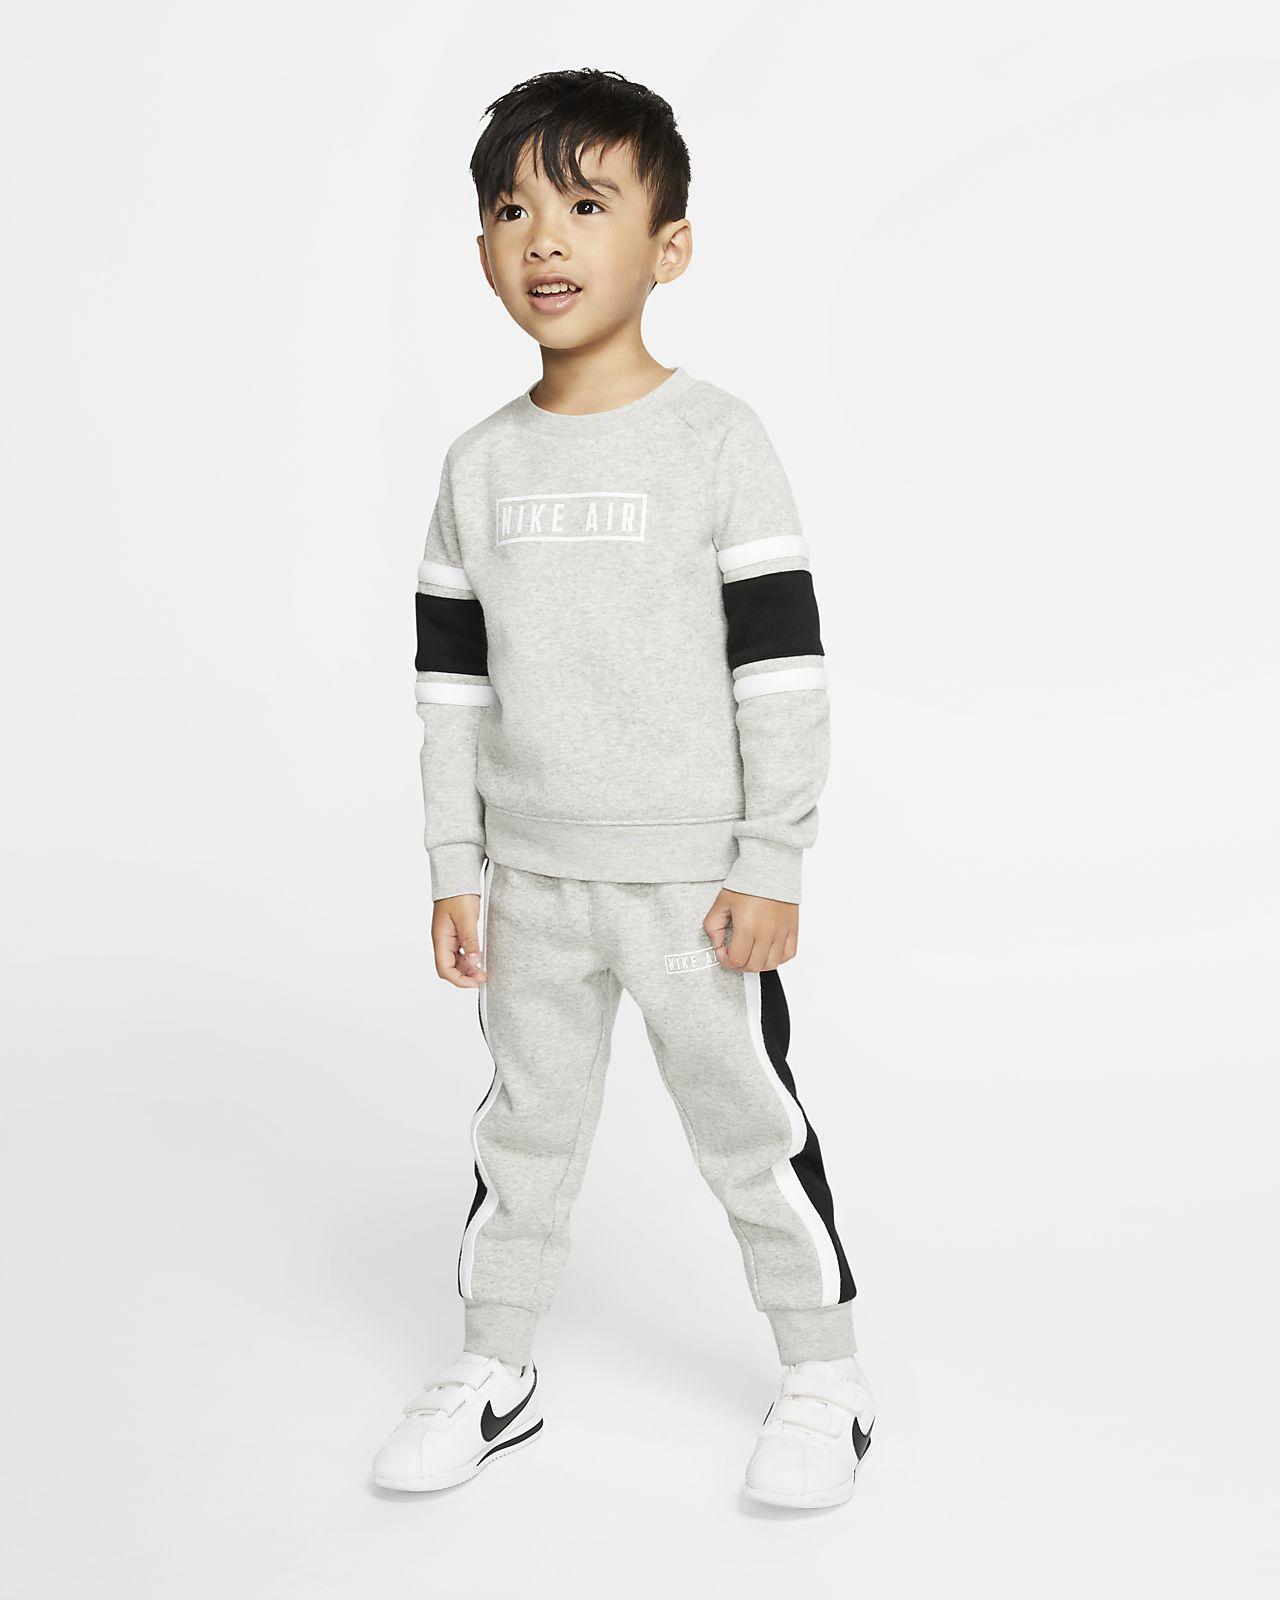 Nike Air Toddler Crew & Joggers 2-Piece Set